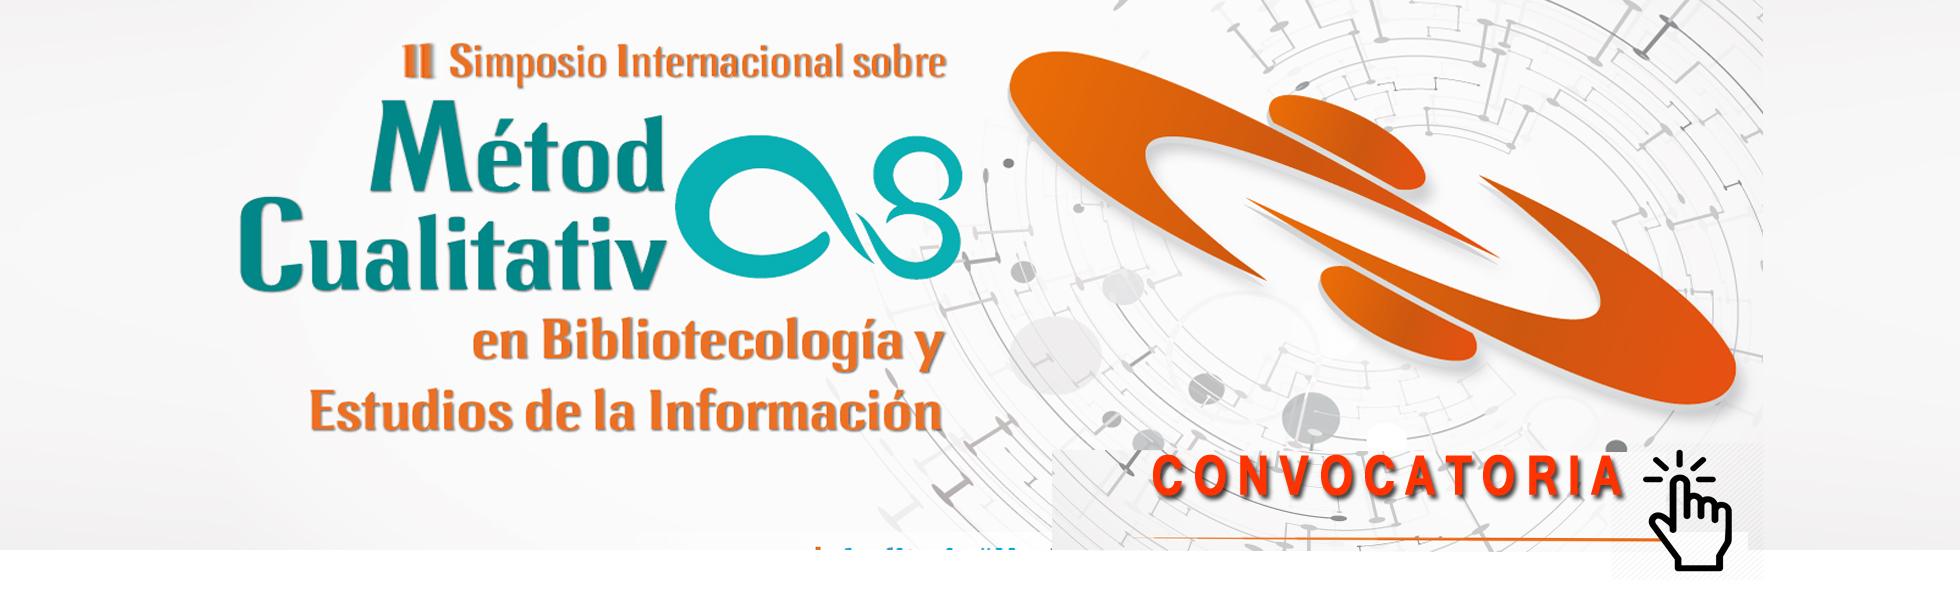 II Simposio Internacional sobre Métodos Cualitativos en Bibliotecología y Estudios de la Información